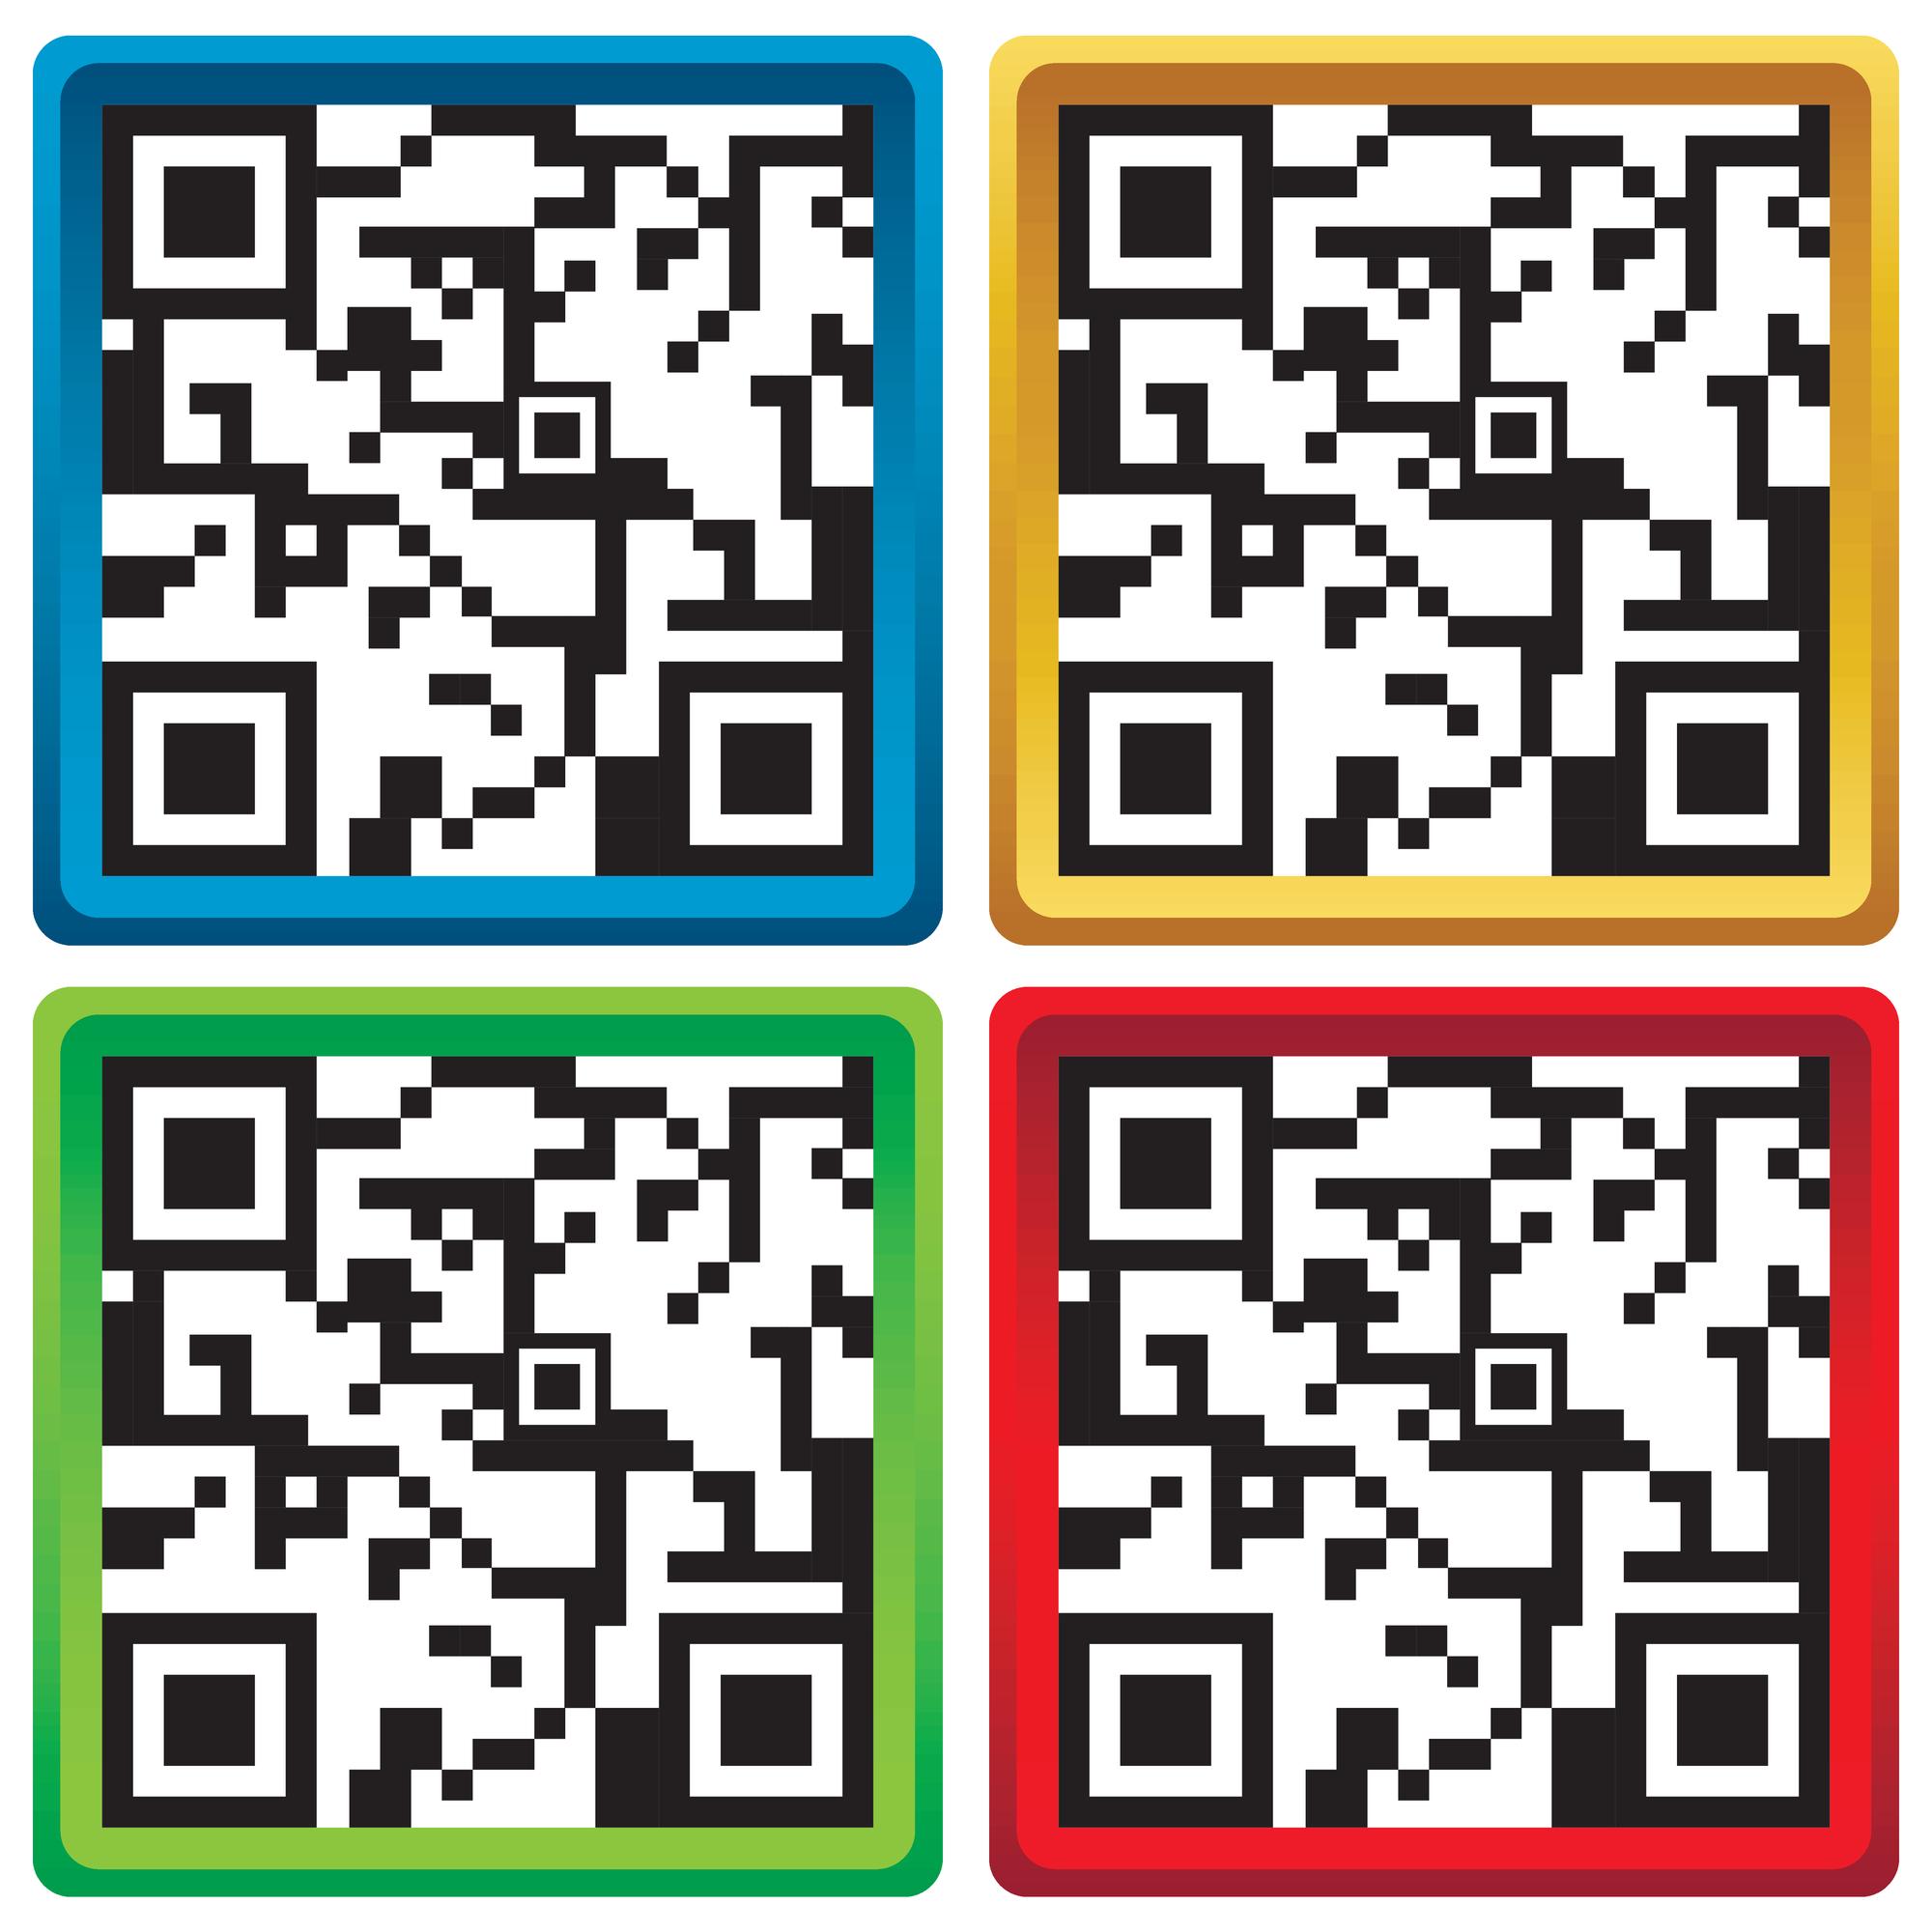 モバイルqrコードの簡単な初歩や基本的な使い方・利用方法・仕様方法・やり方